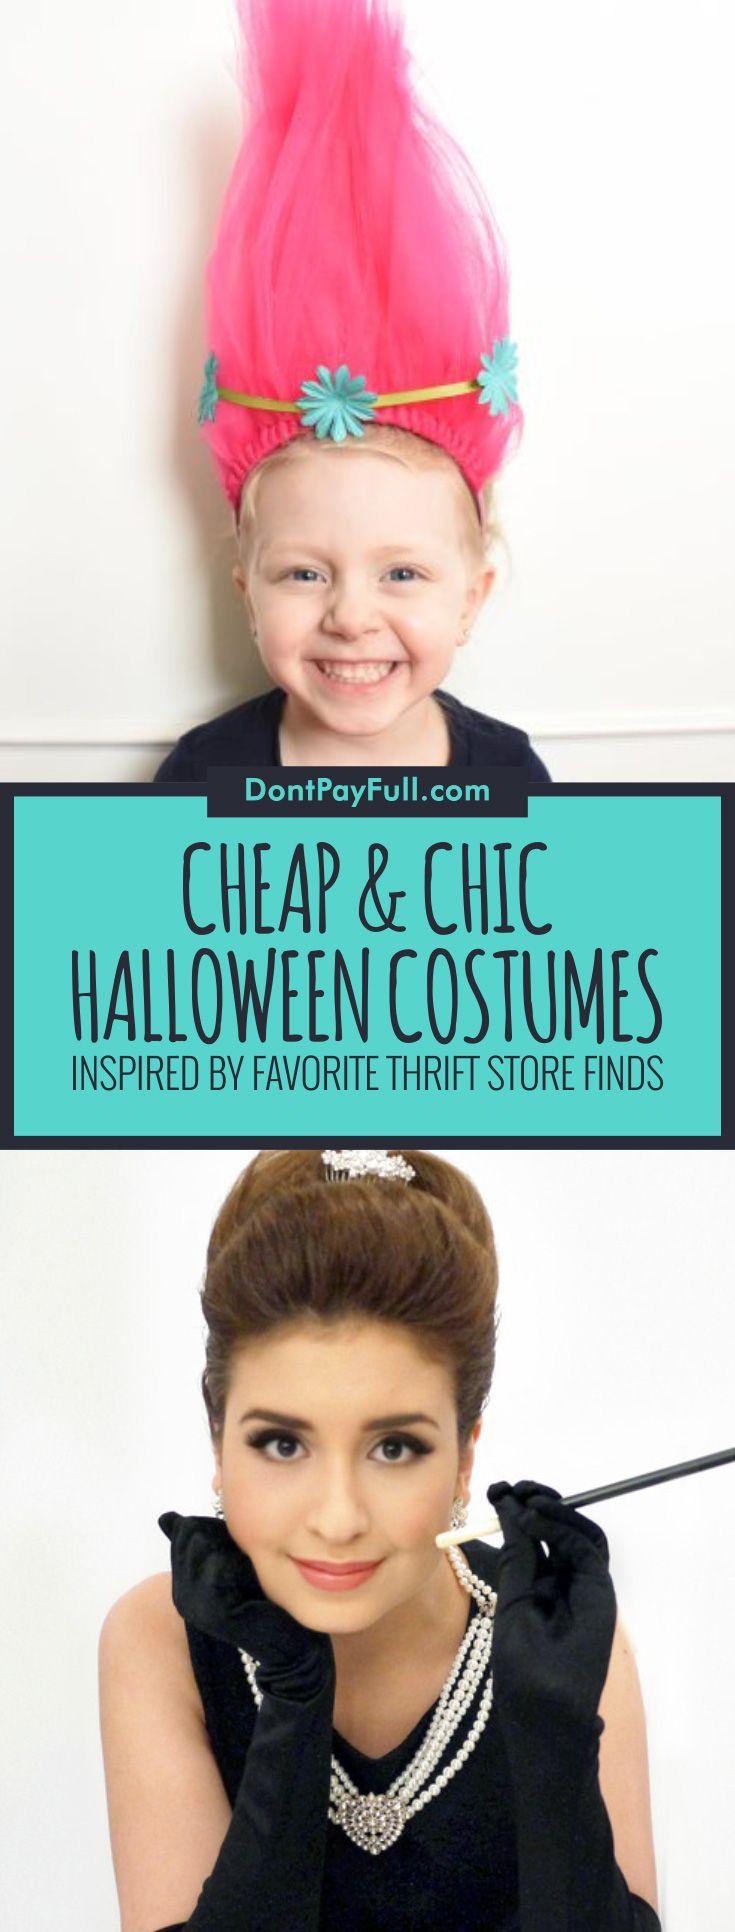 18 cheap diy halloween costumes inspiredfavorite thrift store